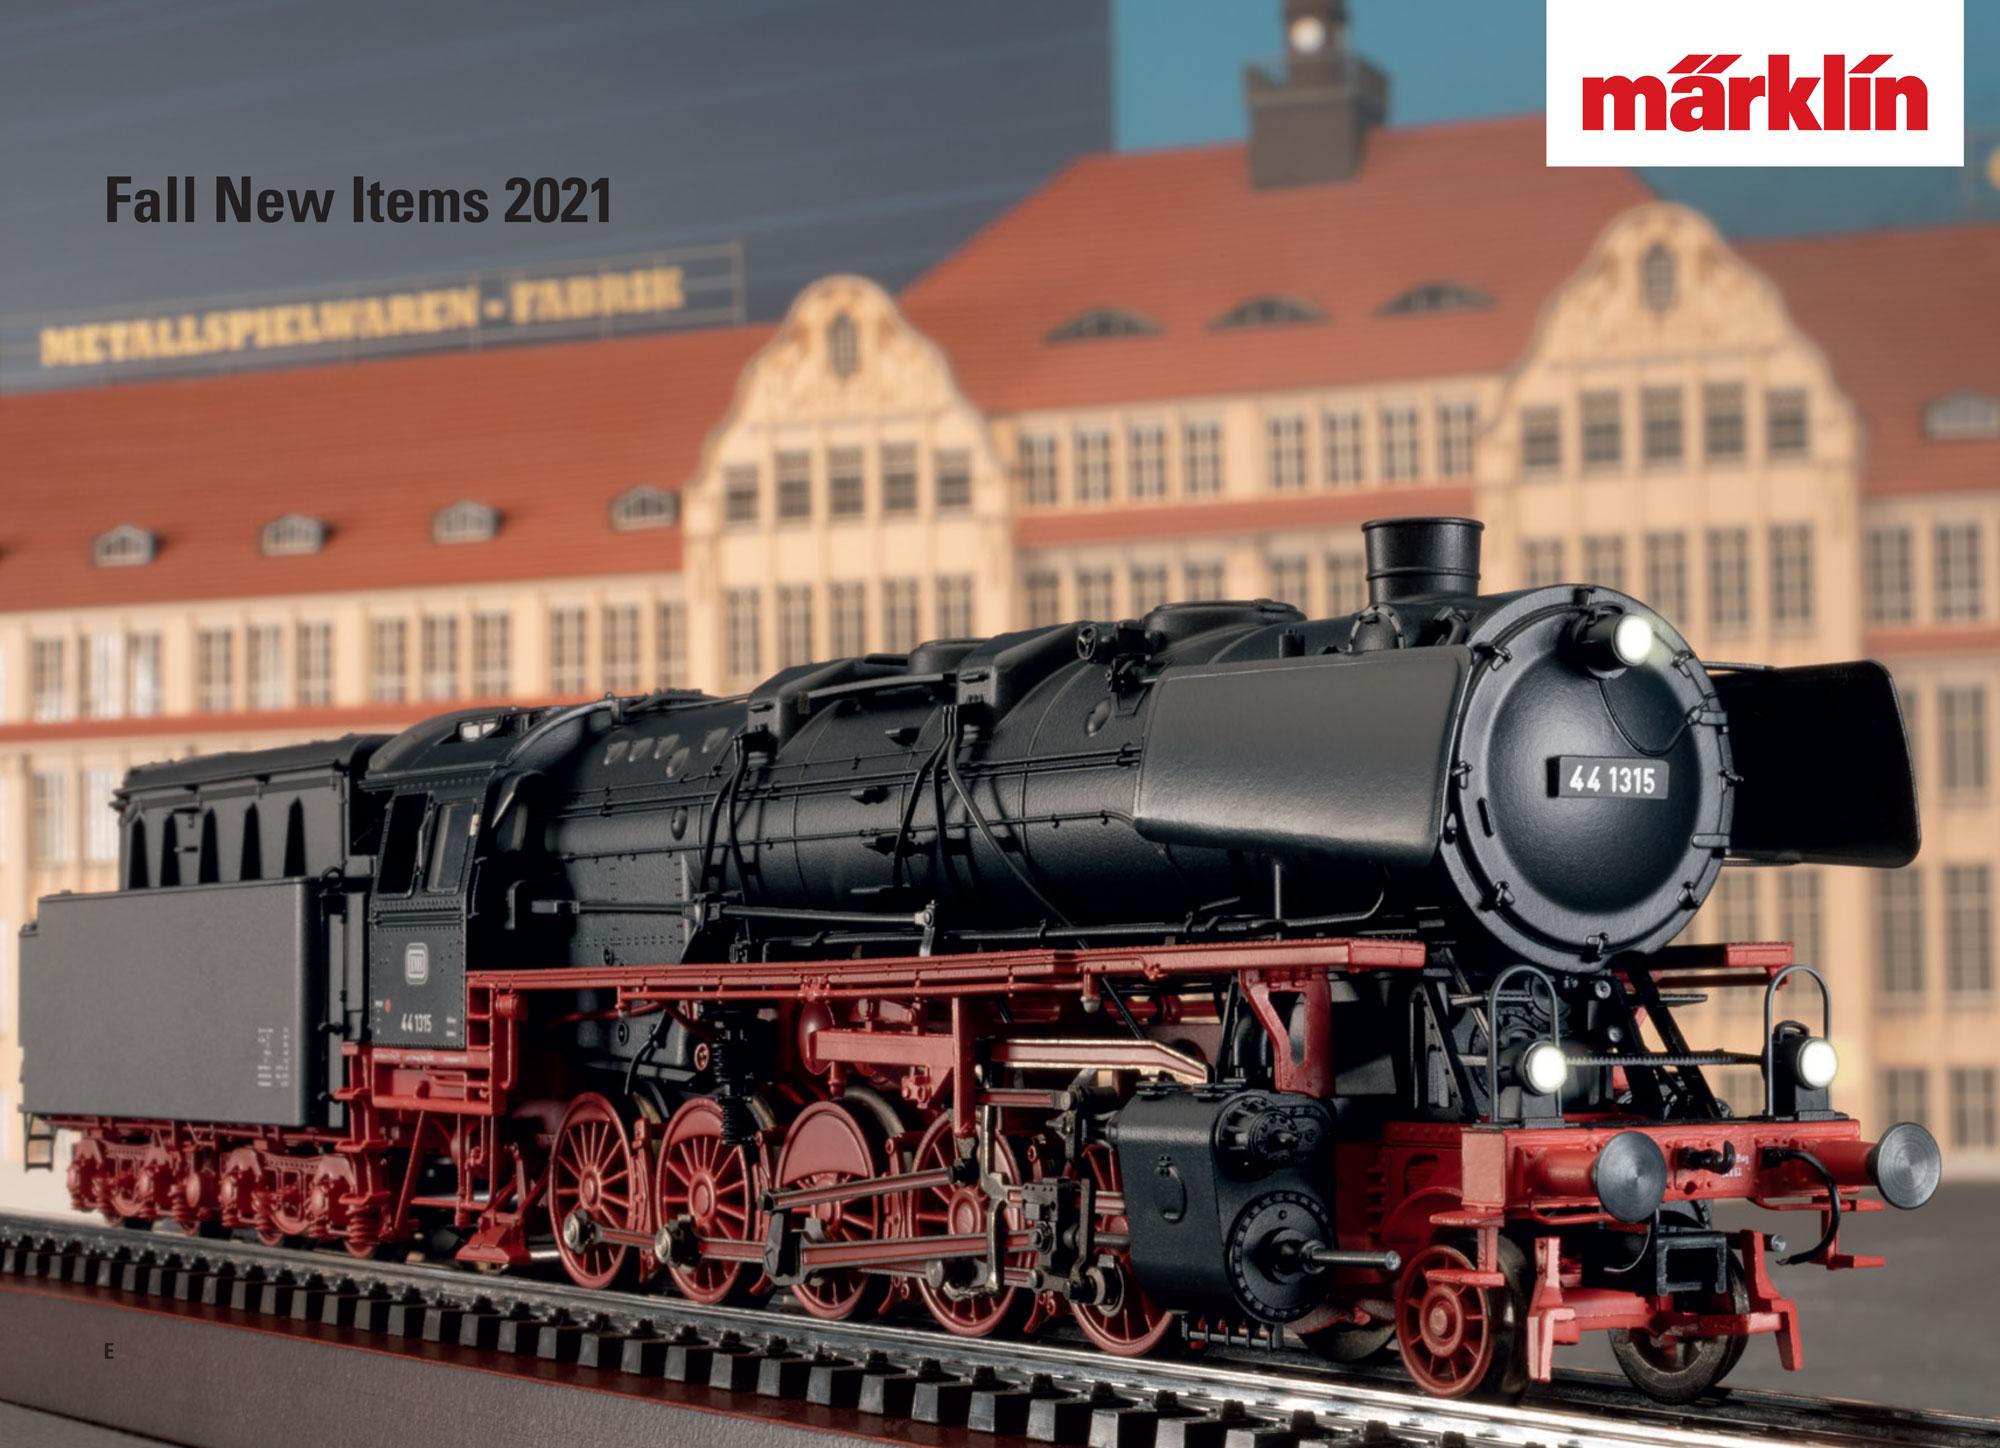 Märklin - Novelties Fall 2021 catalog